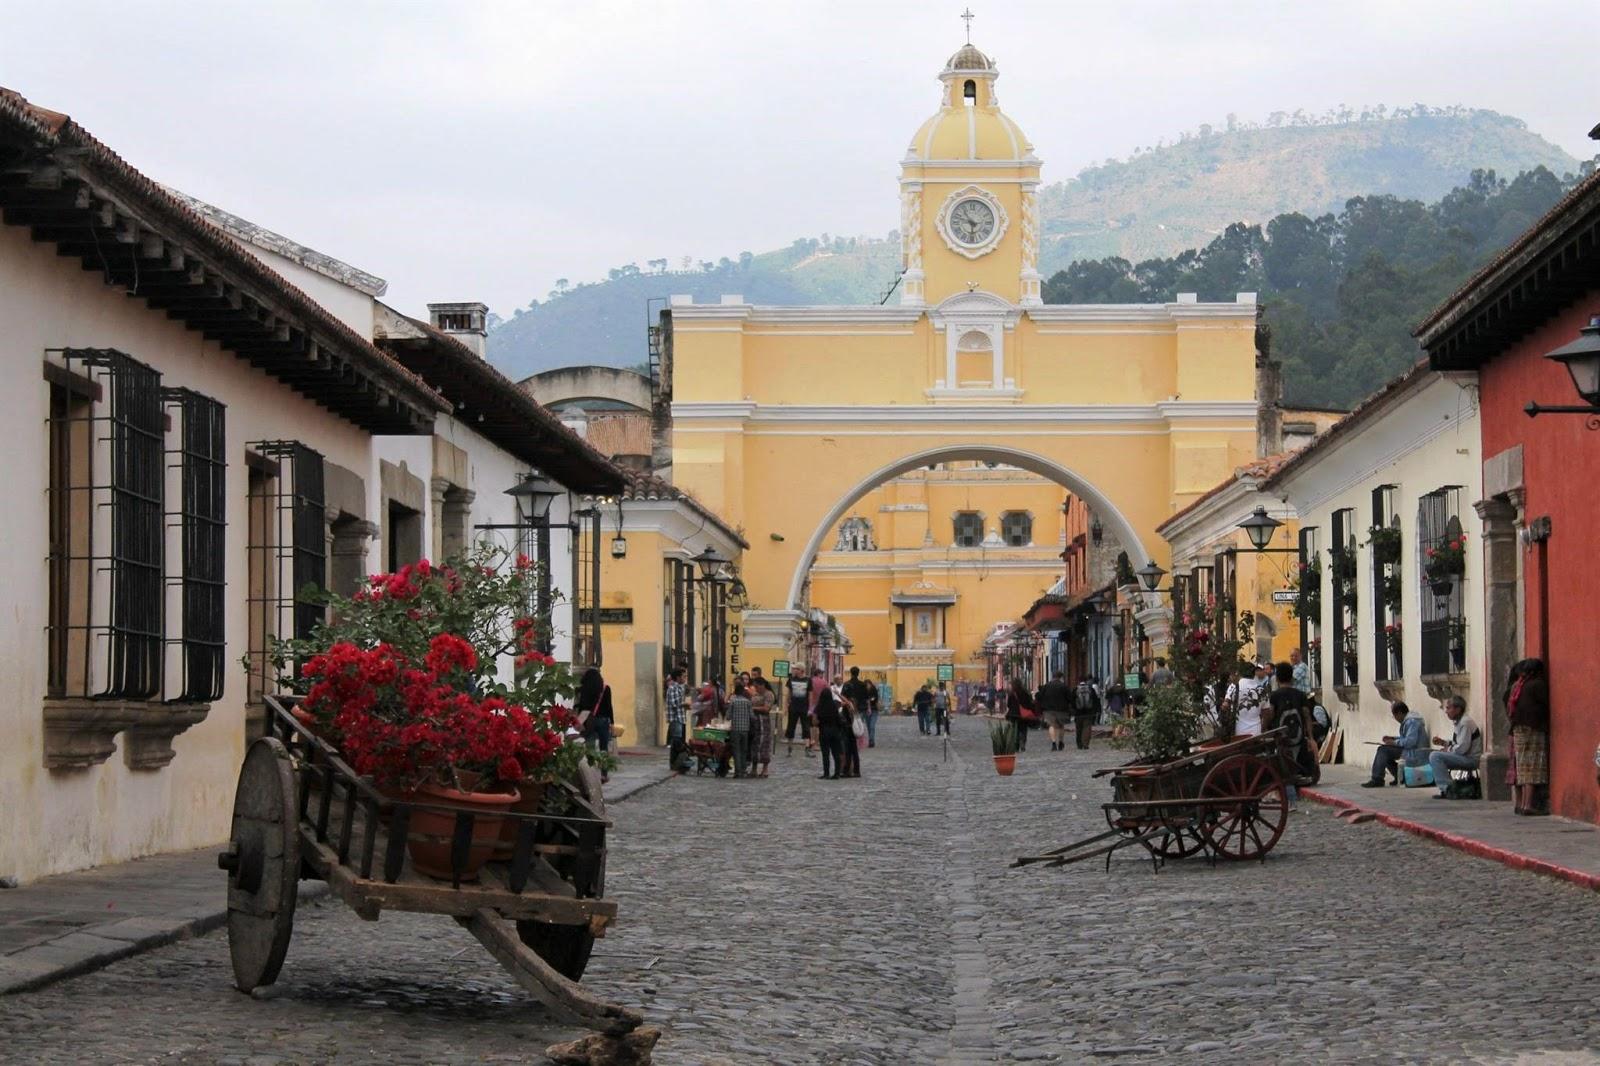 arcosanta catalina antigua guatemala